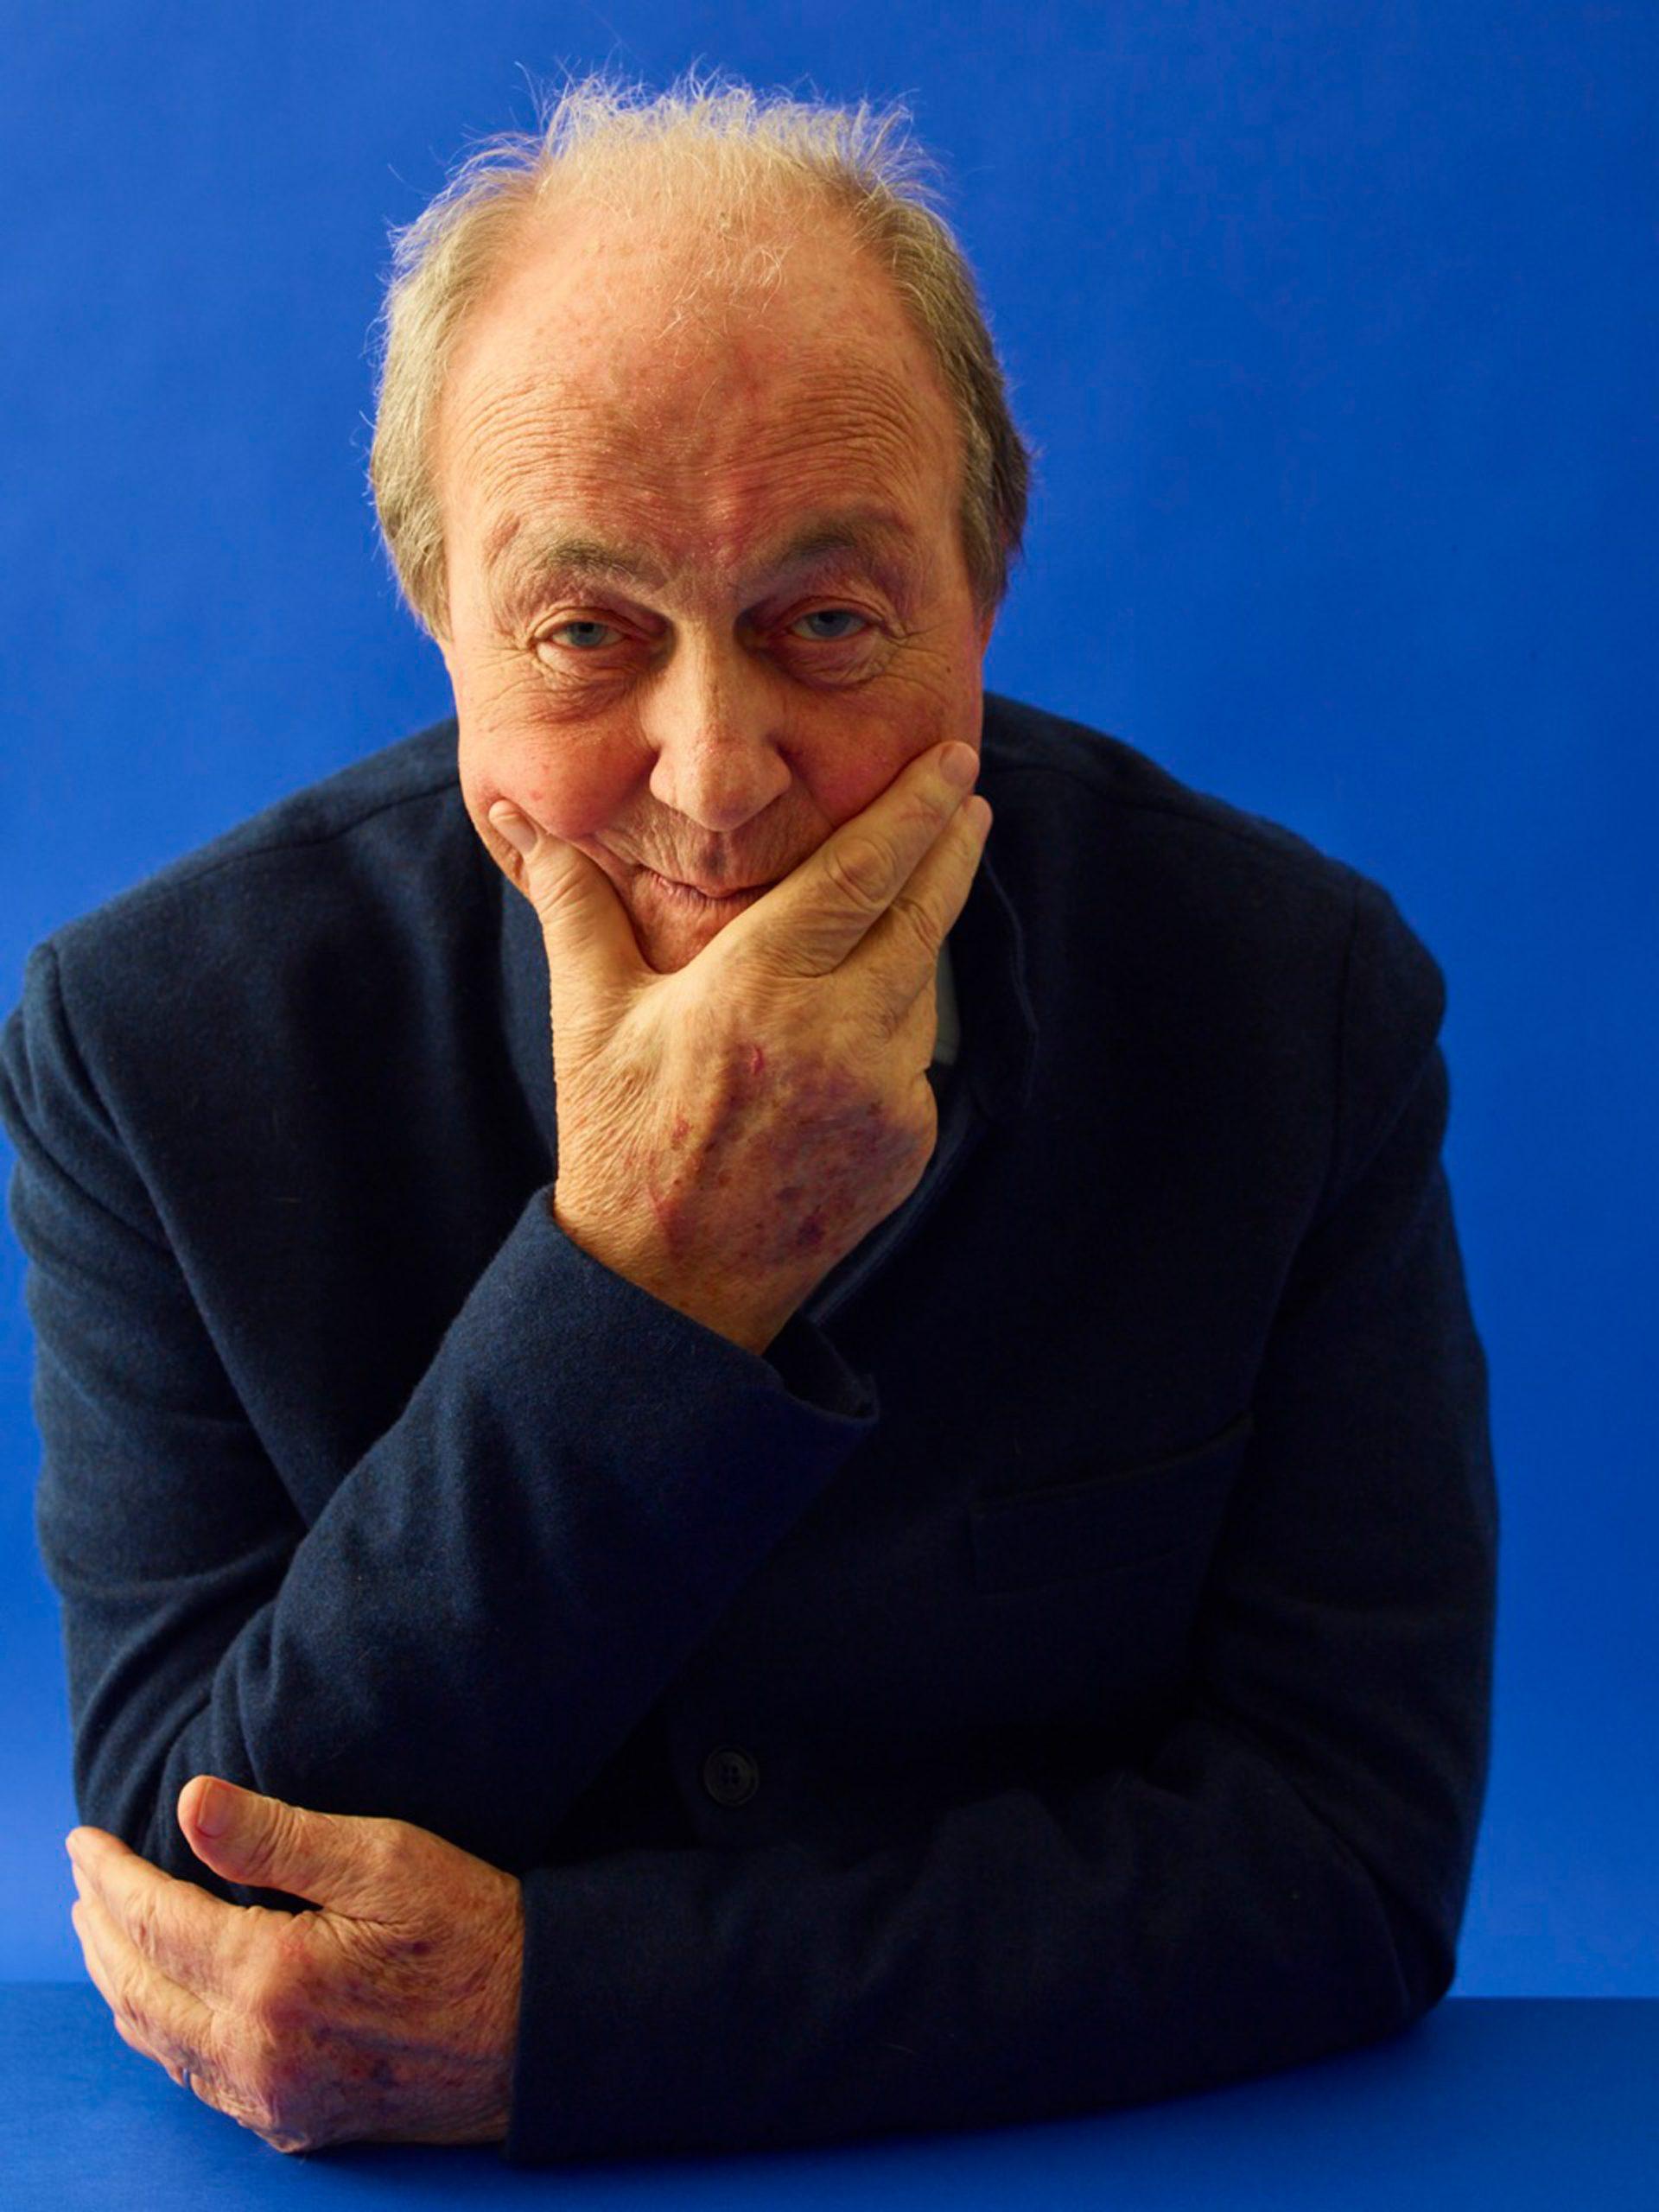 Ernesto Gismondi, founder of Artemide